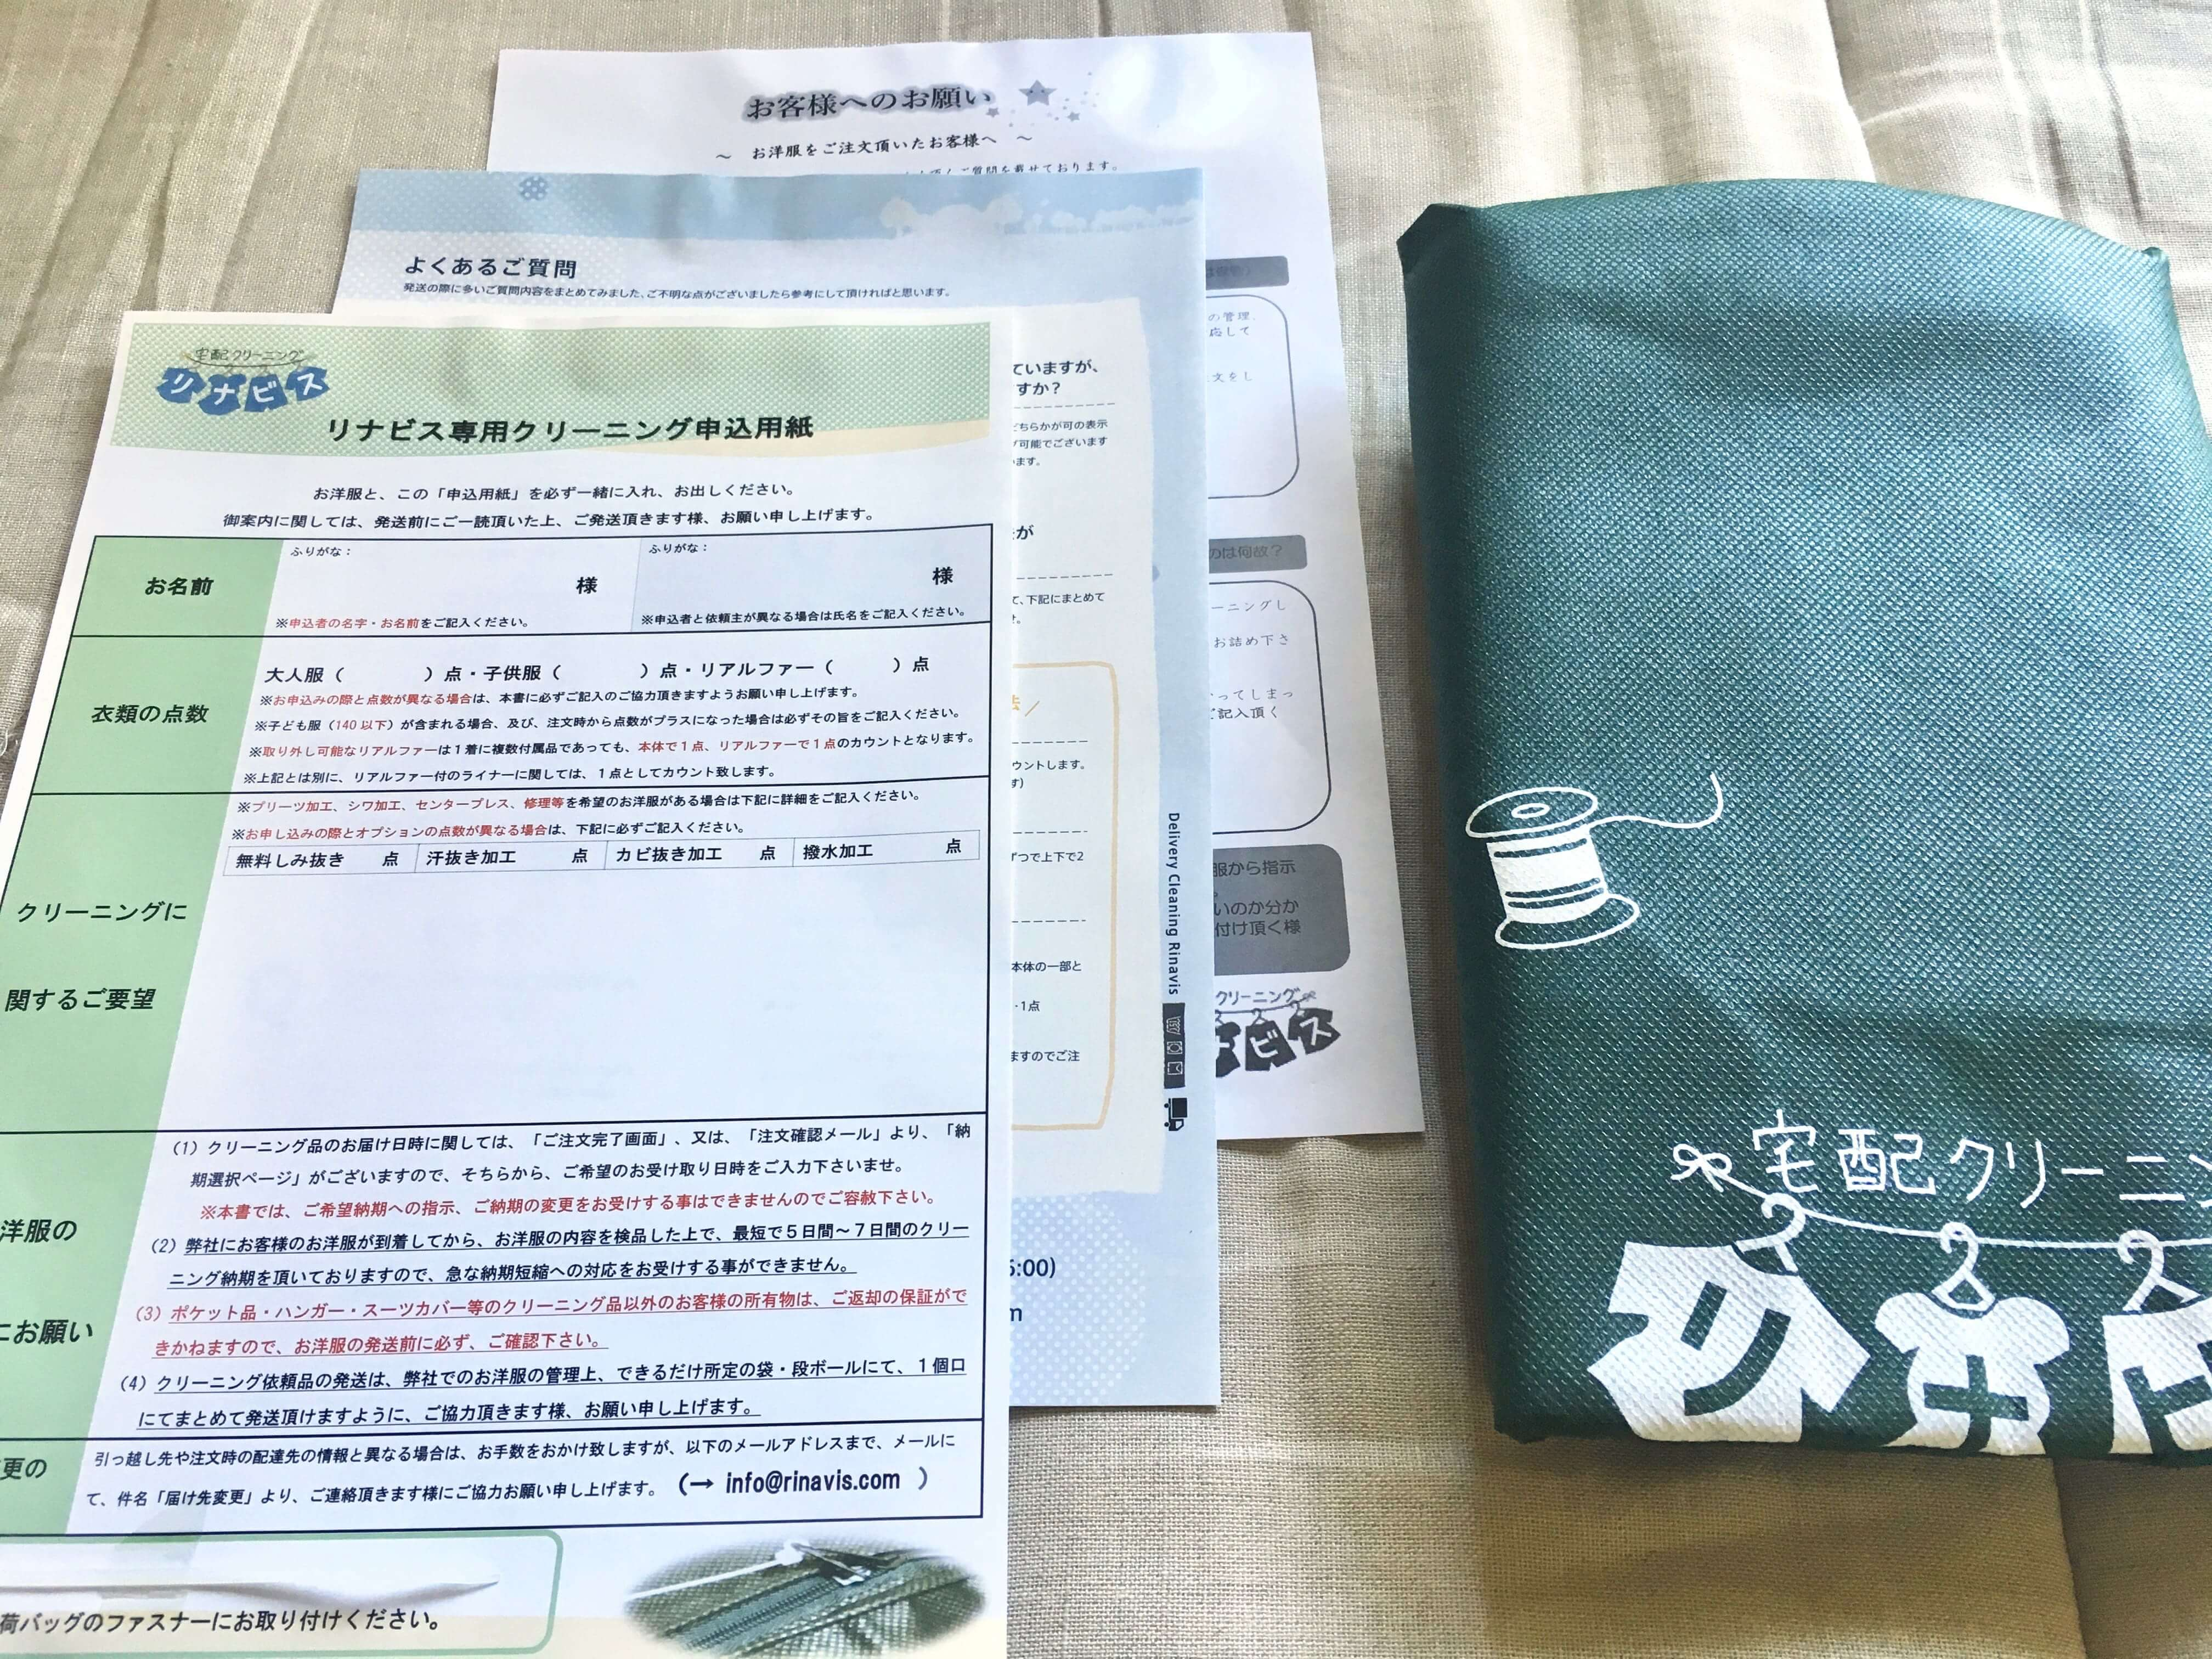 リナビスの申込用紙とよくある質問と服を入れるための袋